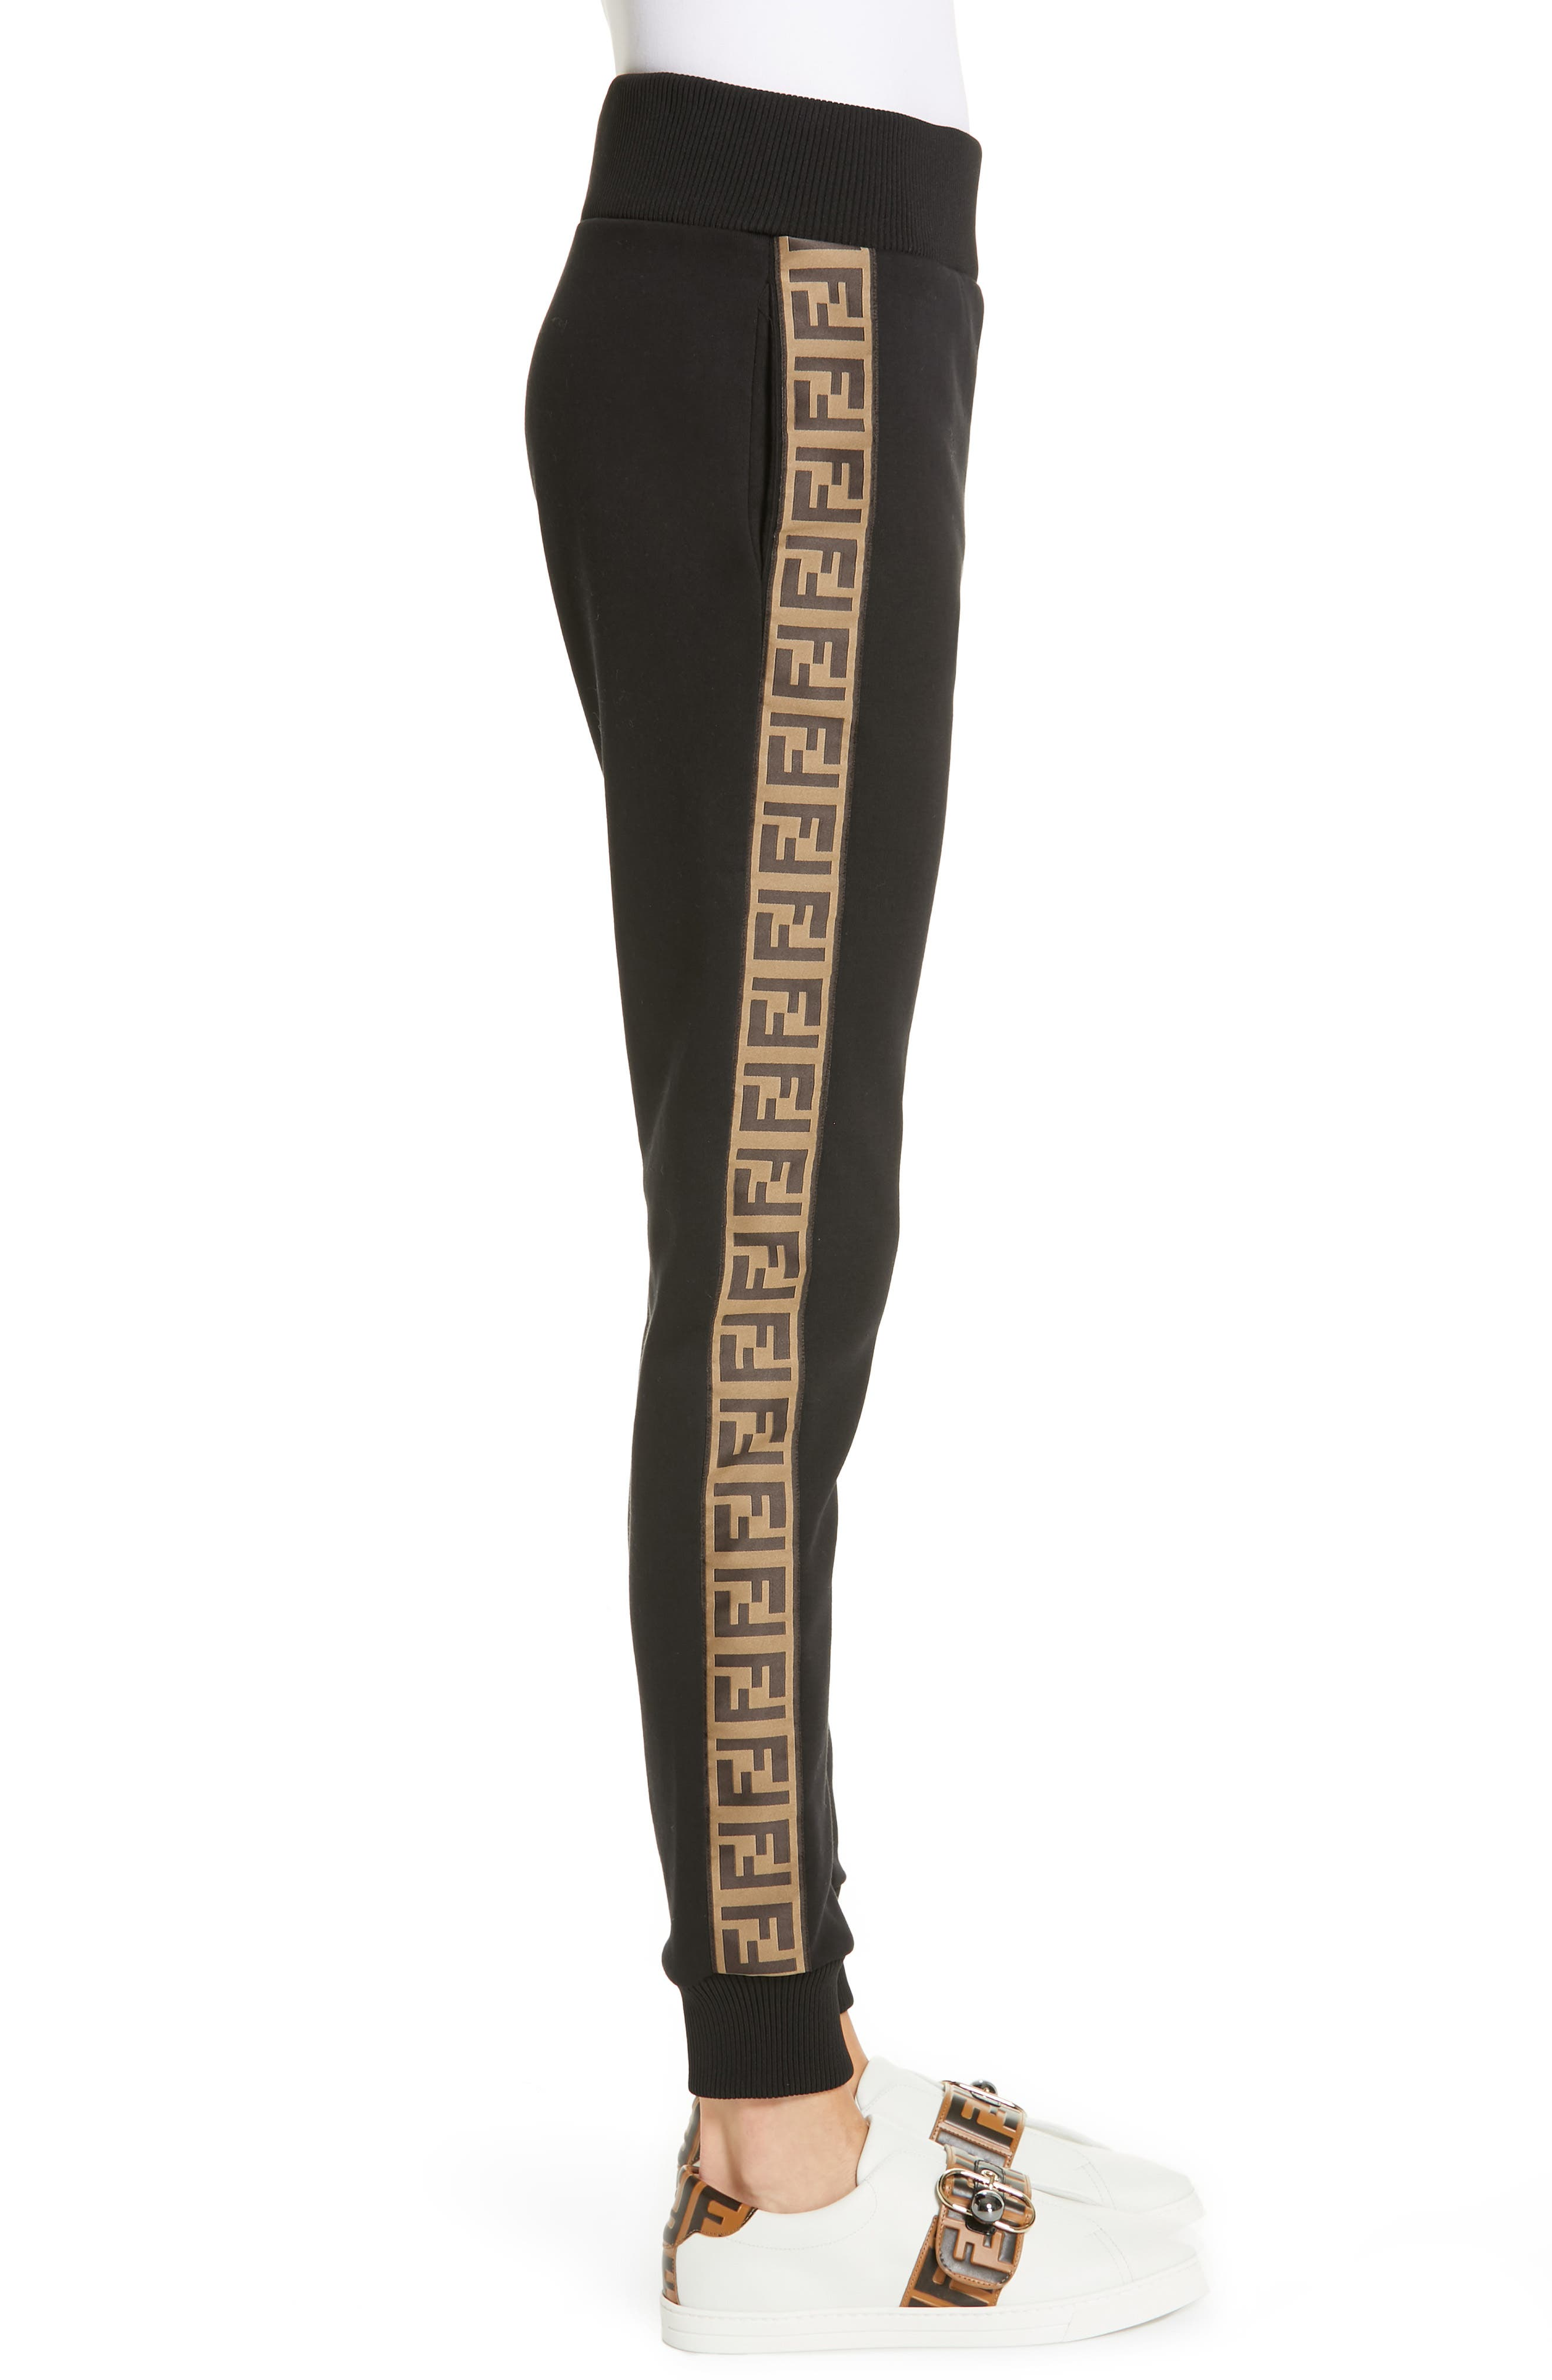 FENDI,                             x FILA Mania Logo Jersey Track Pants,                             Alternate thumbnail 3, color,                             BLACK